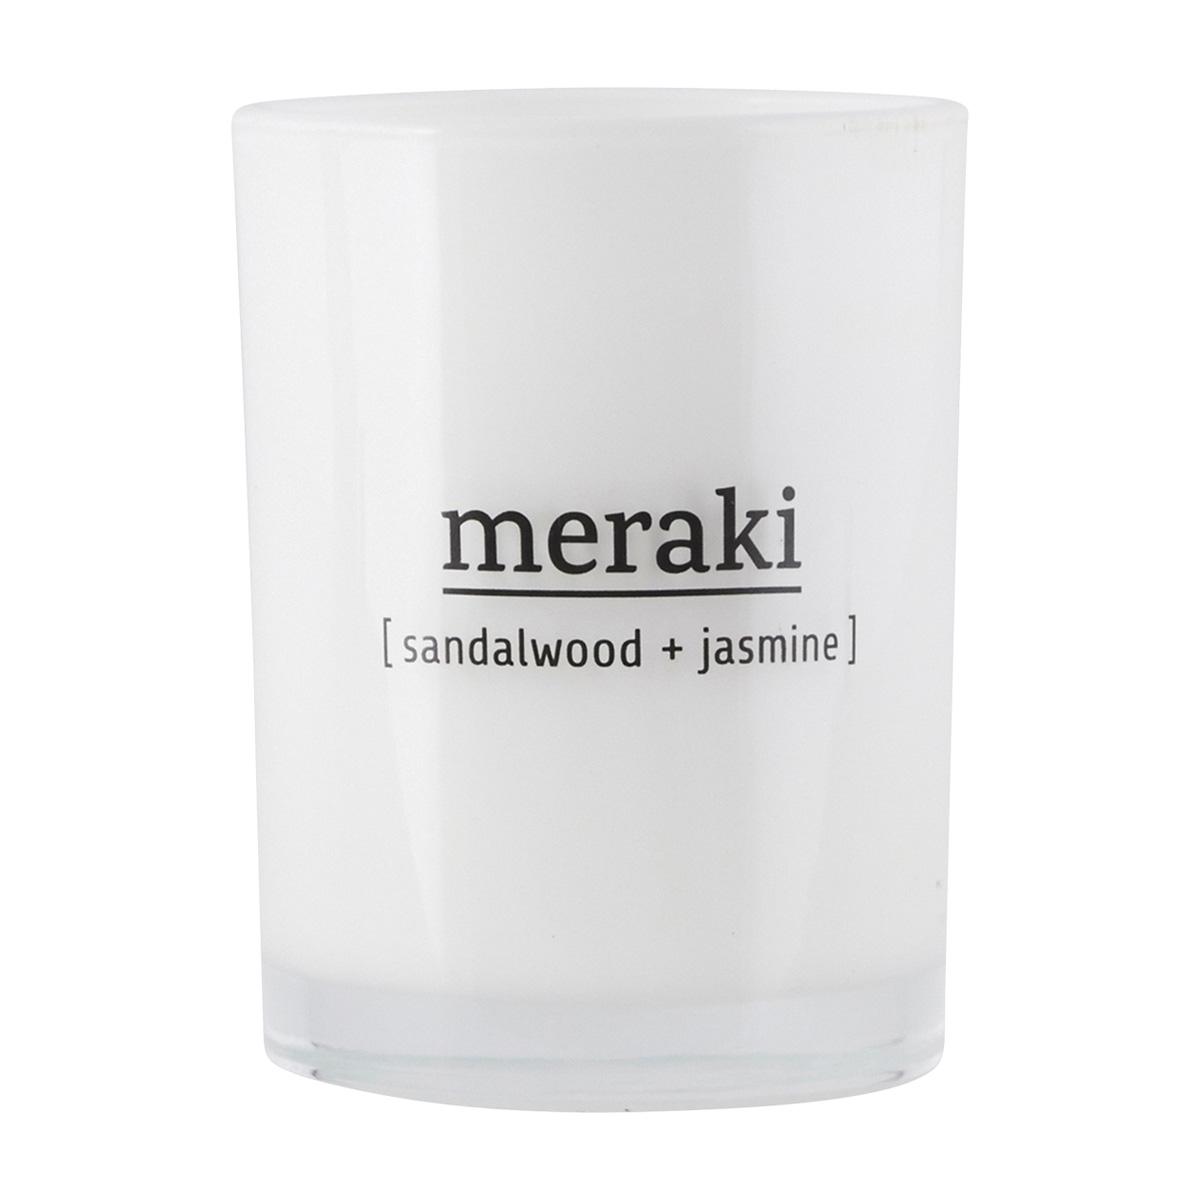 Meraki Sandalwood & Jasmine Candle